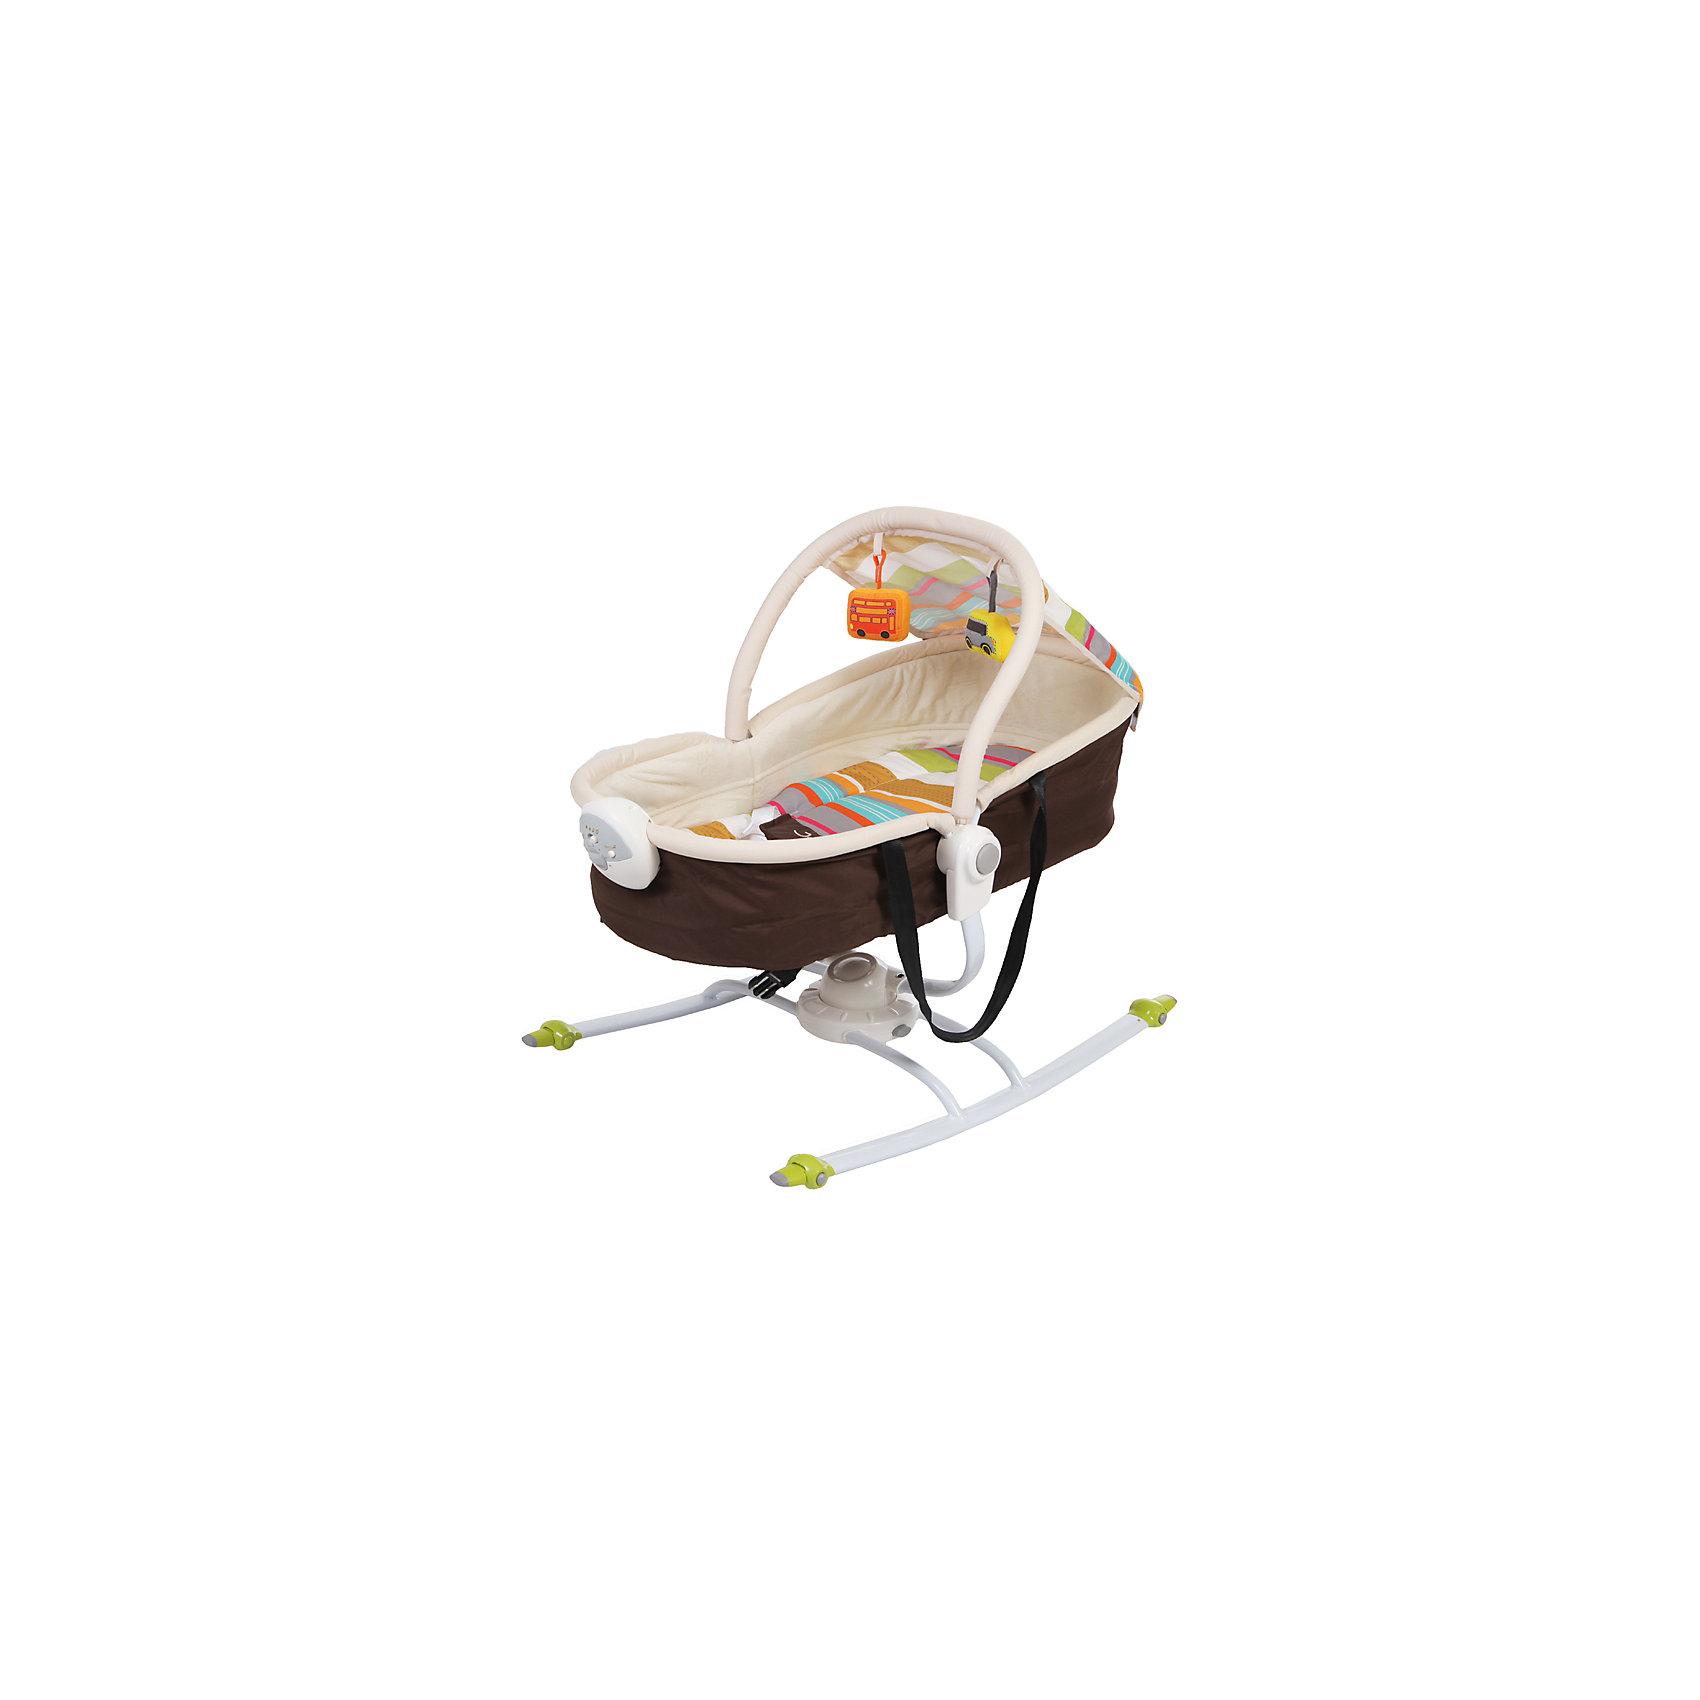 Шезлонг Dreamer, Jetem, коричневый/красныйУдобный и практичный шезлонг - идеальный вариант для малышей и их родителей. Модель может трансформироваться в люльку, имеет глубокий капор, который обеспечит крохе спокойный и комфортный отдых. Шезлонг имеет блок вибраций и музыкальный блок с регулировкой громкости, включающий в себя 6 колыбельных мелодий. Ремни безопасности надежно и мягко удержат в шезлонге уже подросшего и более активного малыша, а дуга с игрушками развлечет кроху. Модель выполнена из высококачественных экологичных материалов абсолютно безопасных для детей.<br><br>Дополнительная информация:<br><br>- Материал: пластик, текстиль.<br>- Размеры шезлонга: 73х51х71 см.<br>- Размеры люльки: 74х51х66 см.<br>- Трансформируется в люльку.<br>- Блок вибрации с регулировкой.<br>- 6 мелодий с регулировкой громкости.<br>- Дуга с игрушками.<br>- Капор.<br>- Ремень безопасности.<br>- База шезлонга может вращаться на 360 градусов.<br>- Стирка: щадящий режим, 30?.<br>- Вес: 4,6 кг.<br><br>Шезлонг Dreamer, Jetem (Жетем), красный, можно купить в нашем магазине.<br><br>Ширина мм: 700<br>Глубина мм: 530<br>Высота мм: 120<br>Вес г: 6200<br>Возраст от месяцев: 0<br>Возраст до месяцев: 9<br>Пол: Унисекс<br>Возраст: Детский<br>SKU: 4414635